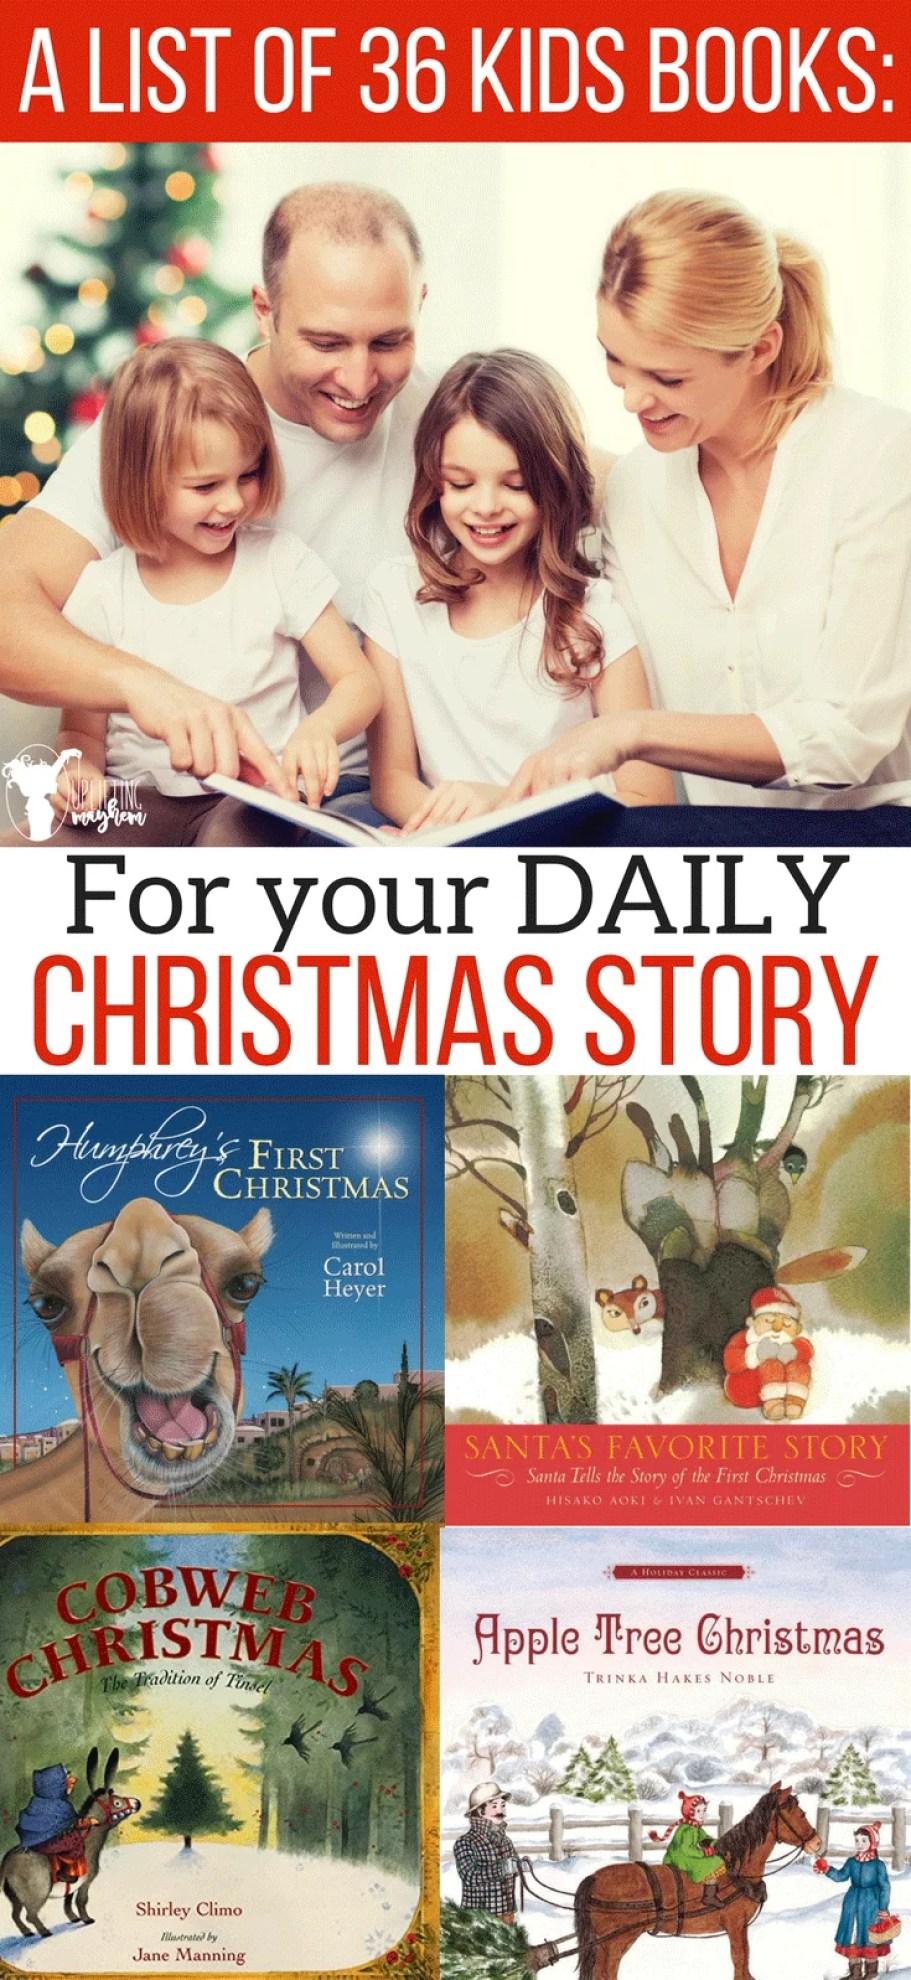 A List of 36 Christmas Kids Books